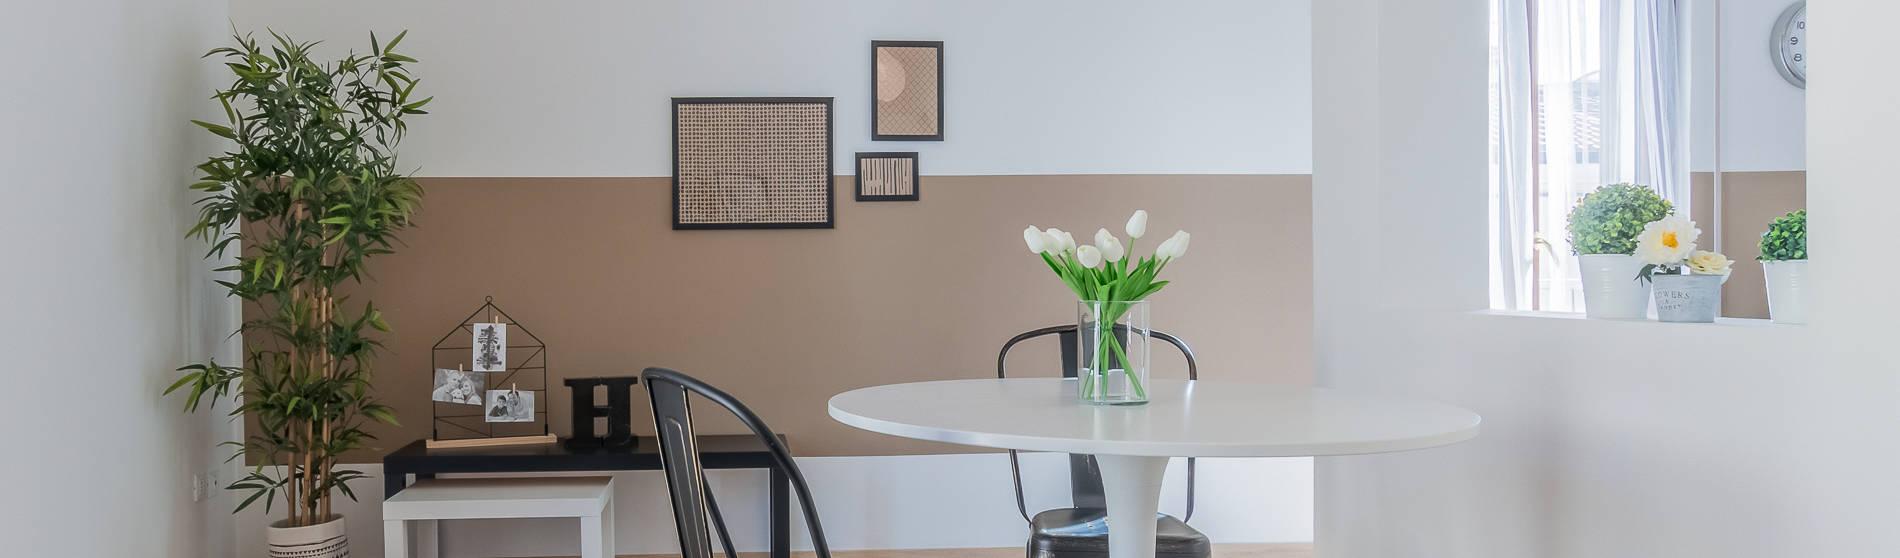 HOME DESIGN+ by Susanna Menegotto